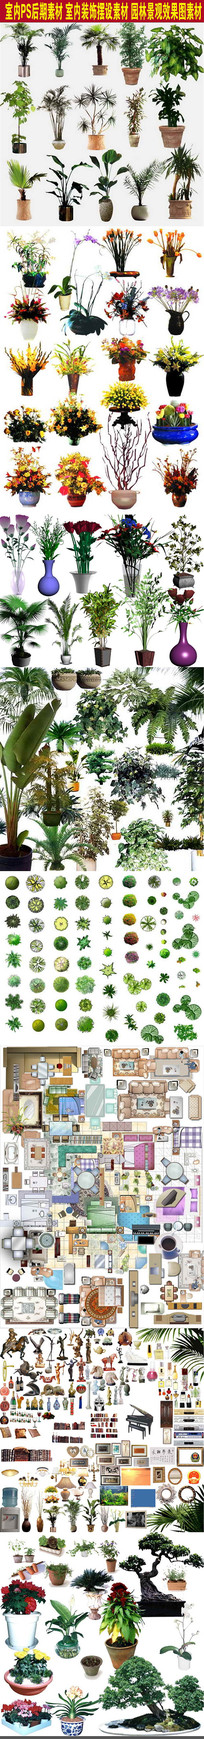 PS后期园林景观效果图素材